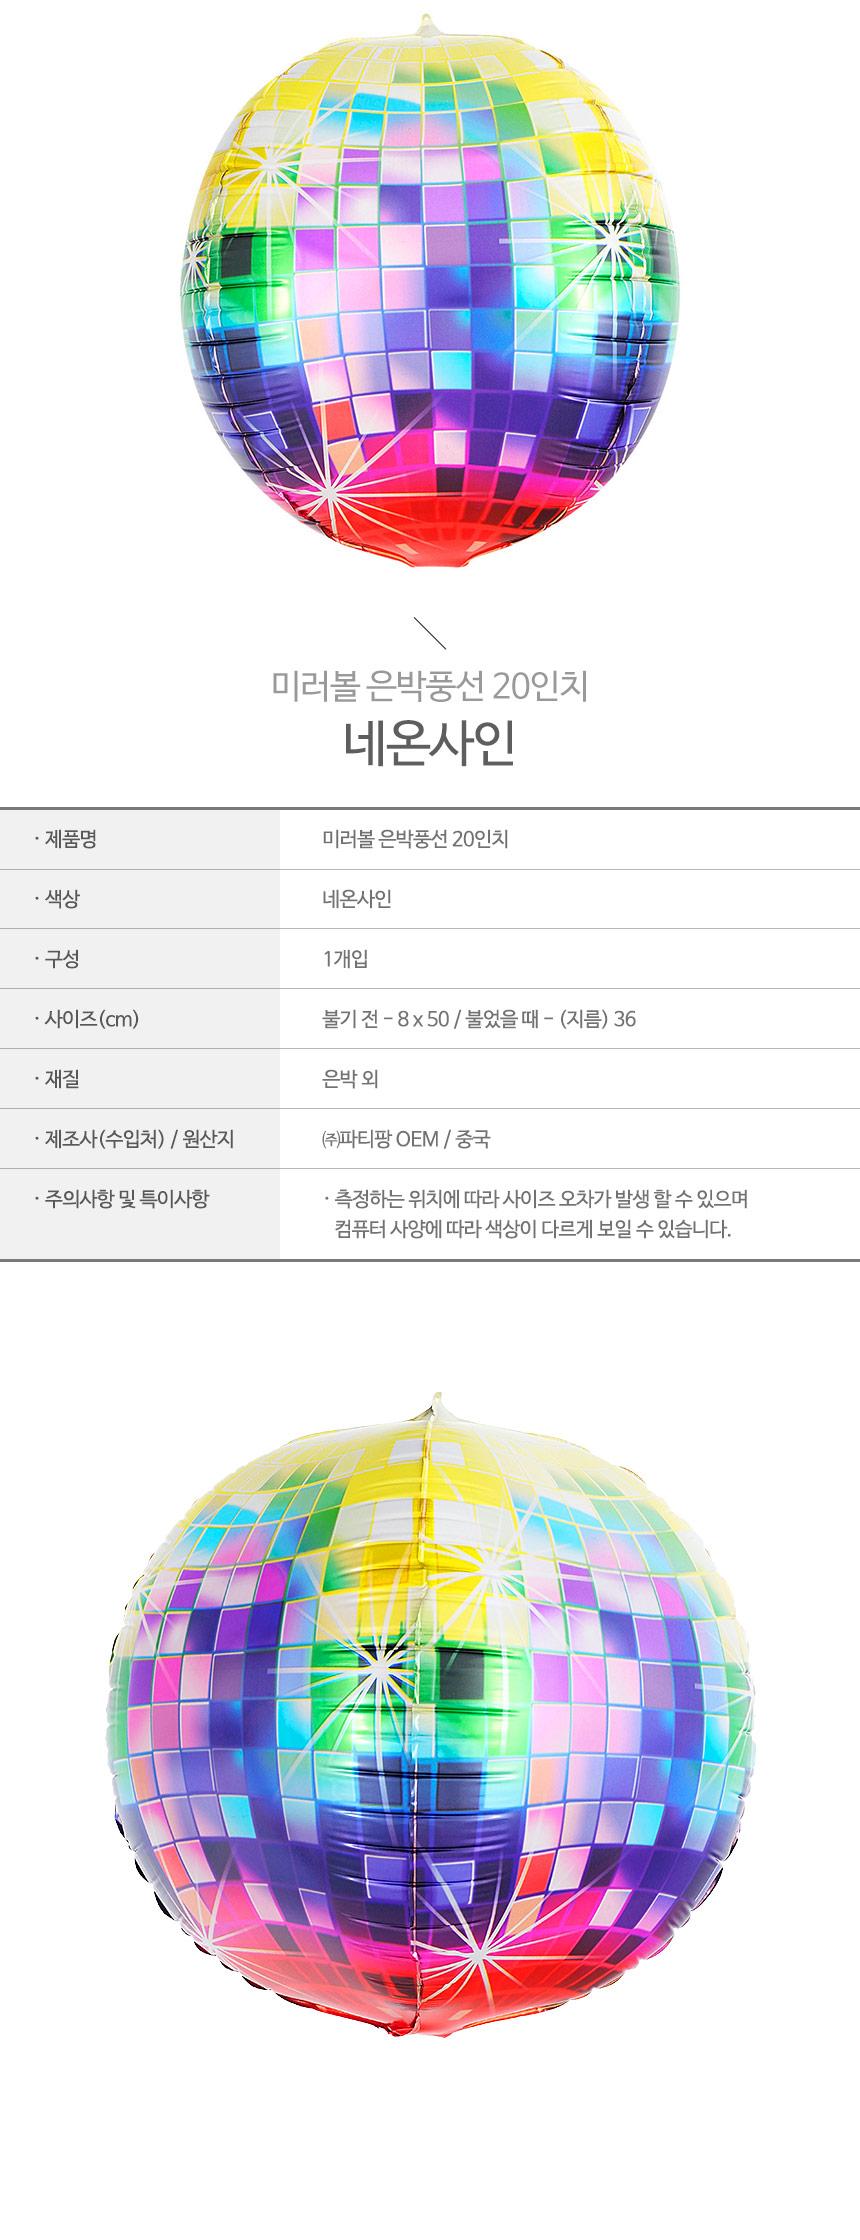 [원팩] 미러볼 은박풍선 20인치 [네온사인] _partypang - 파티팡, 3,000원, 파티용품, 풍선/세트